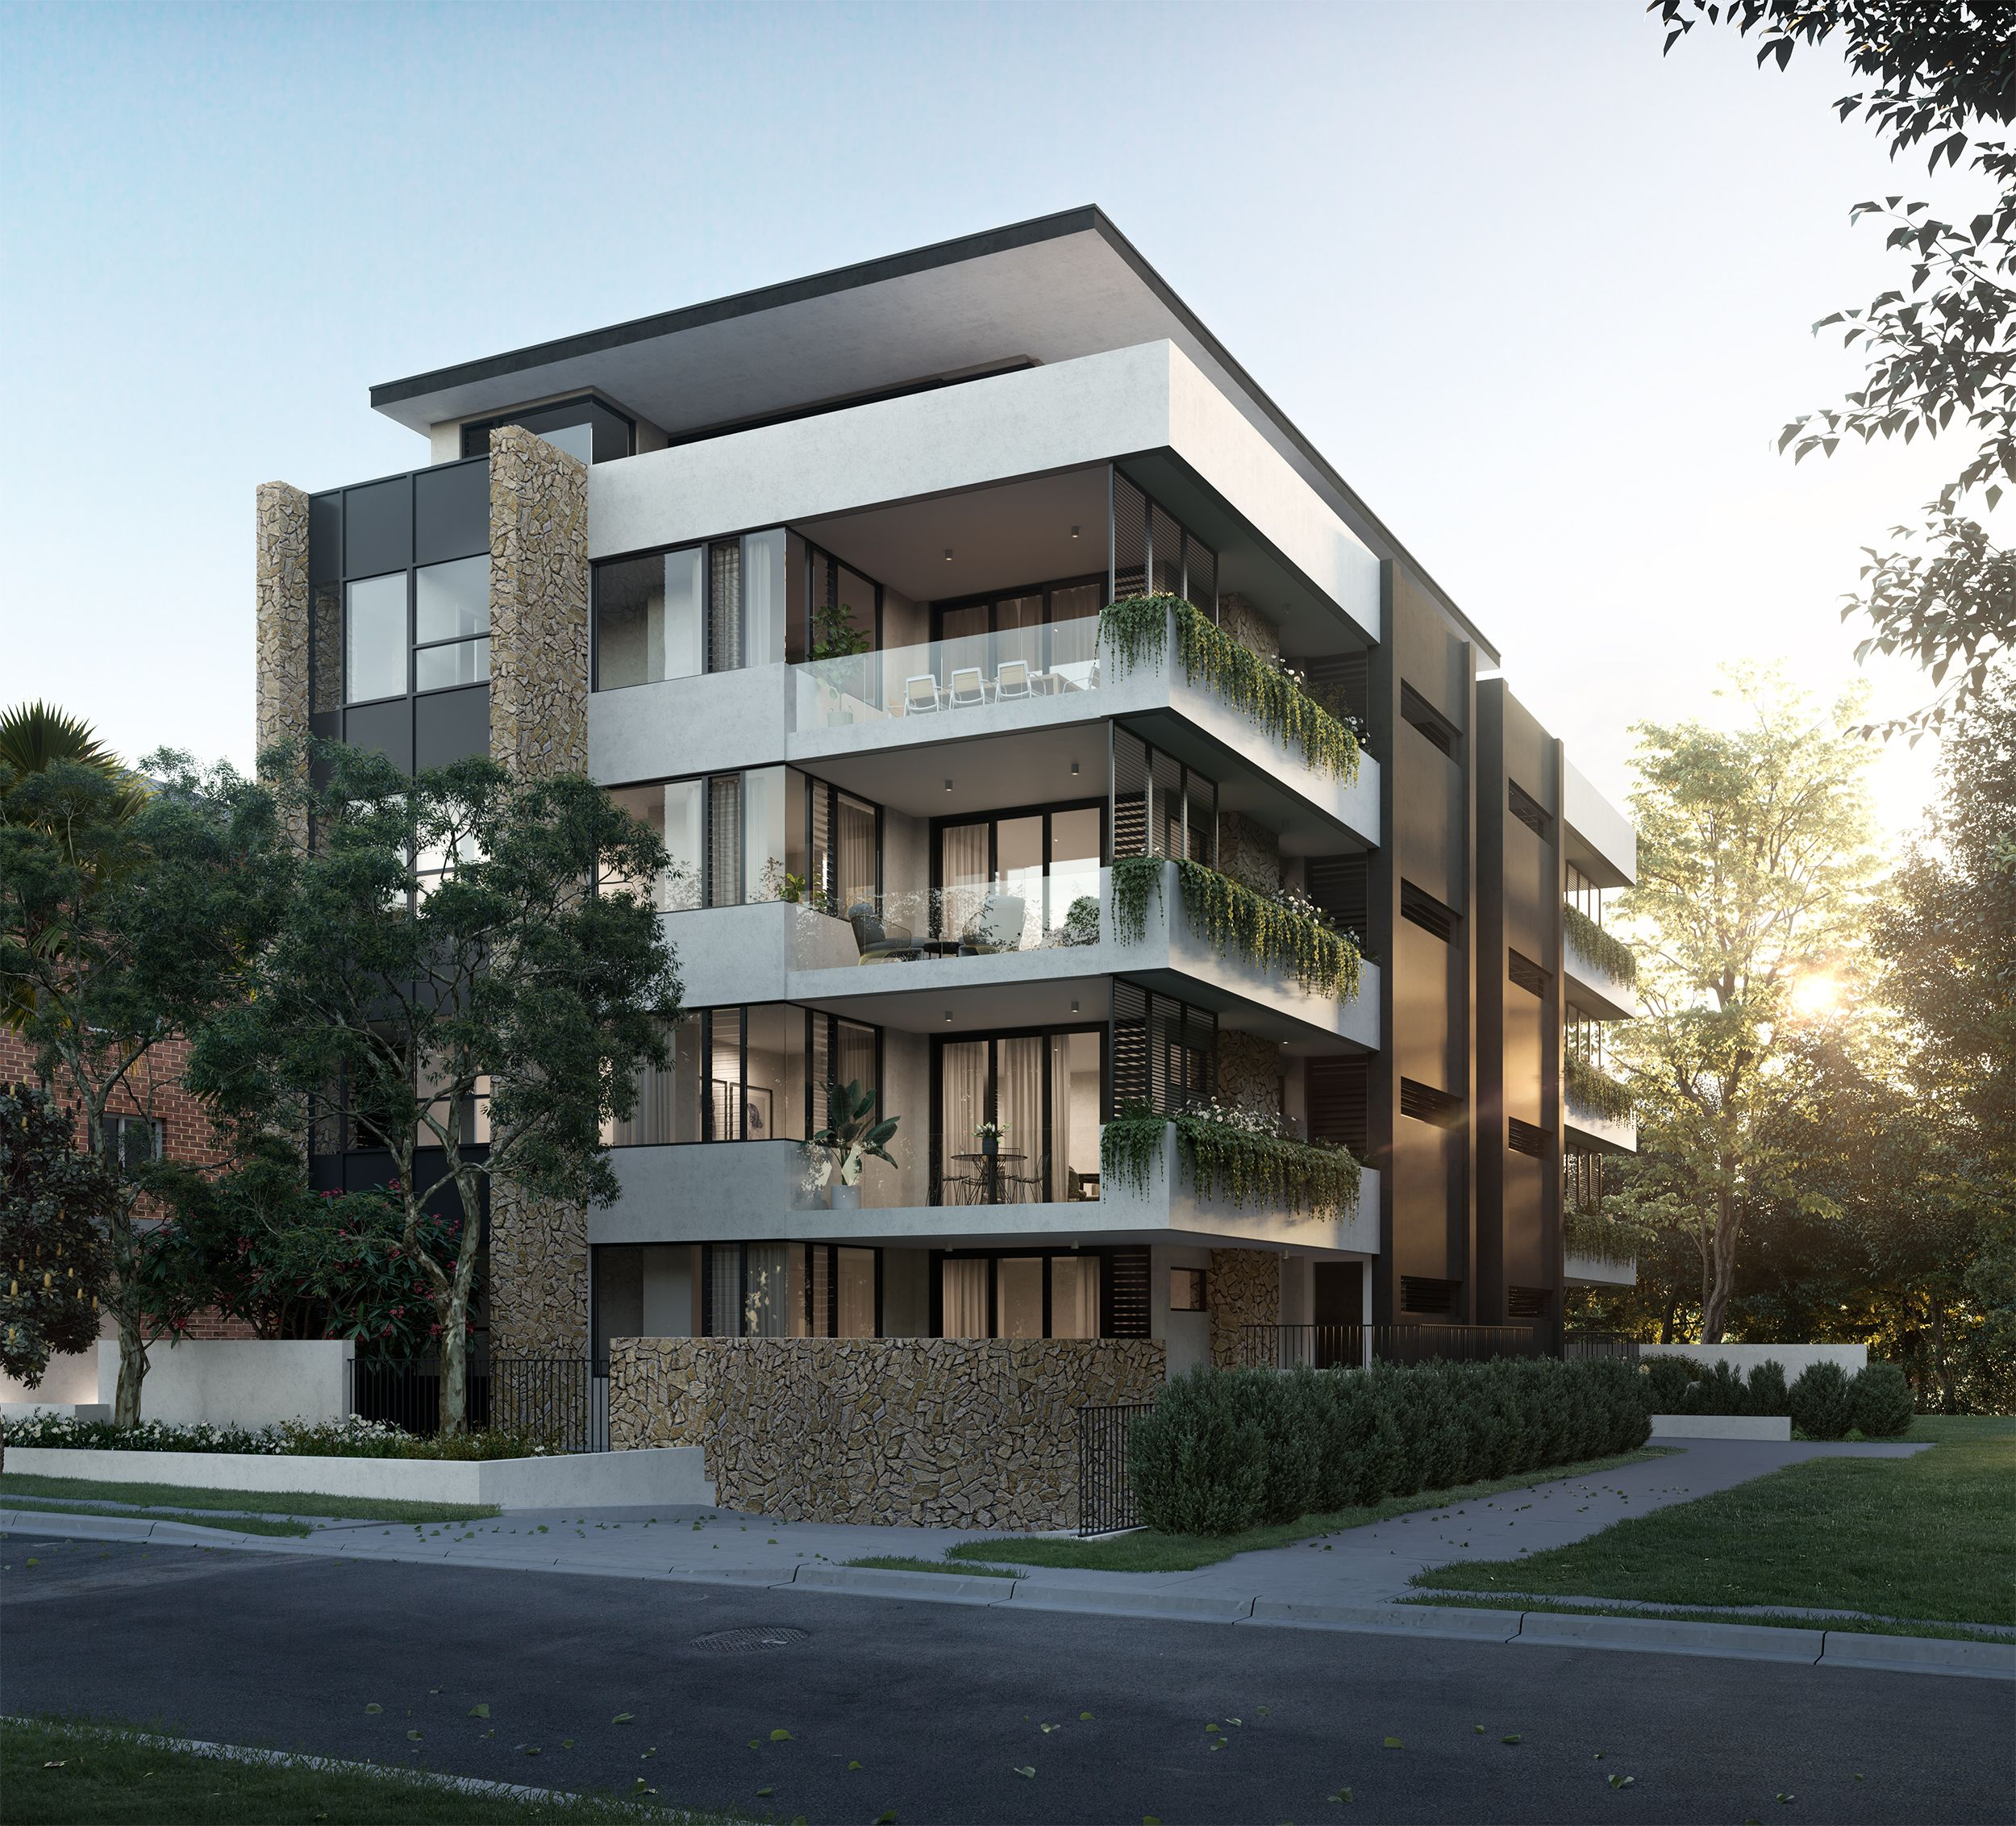 45-47 Parramatta St CRONULLA 2230